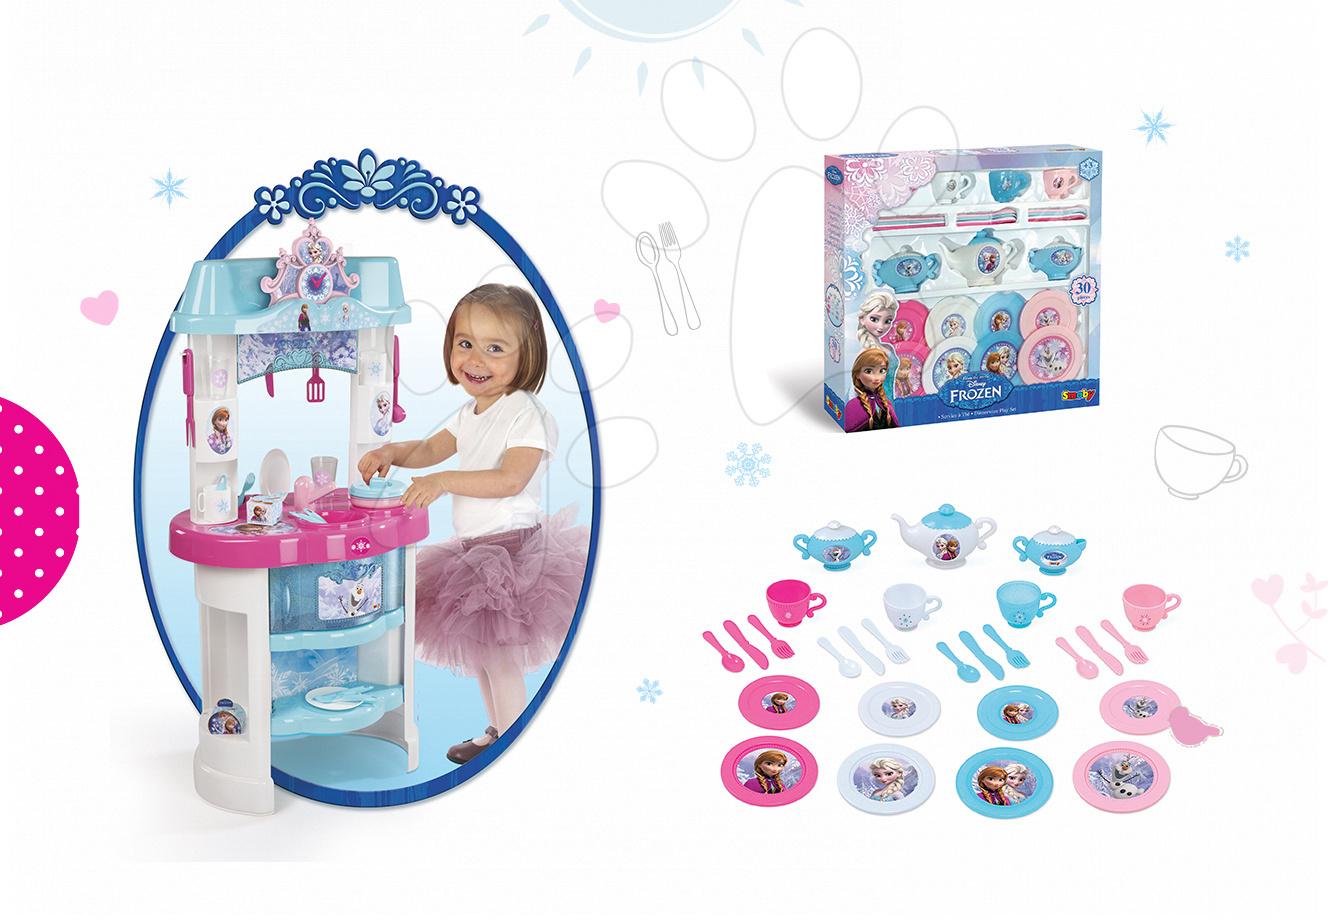 Kuchynky pre deti sety - Set kuchynka Frozen Smoby s trblietkami a veľká čajová súprava Frozen